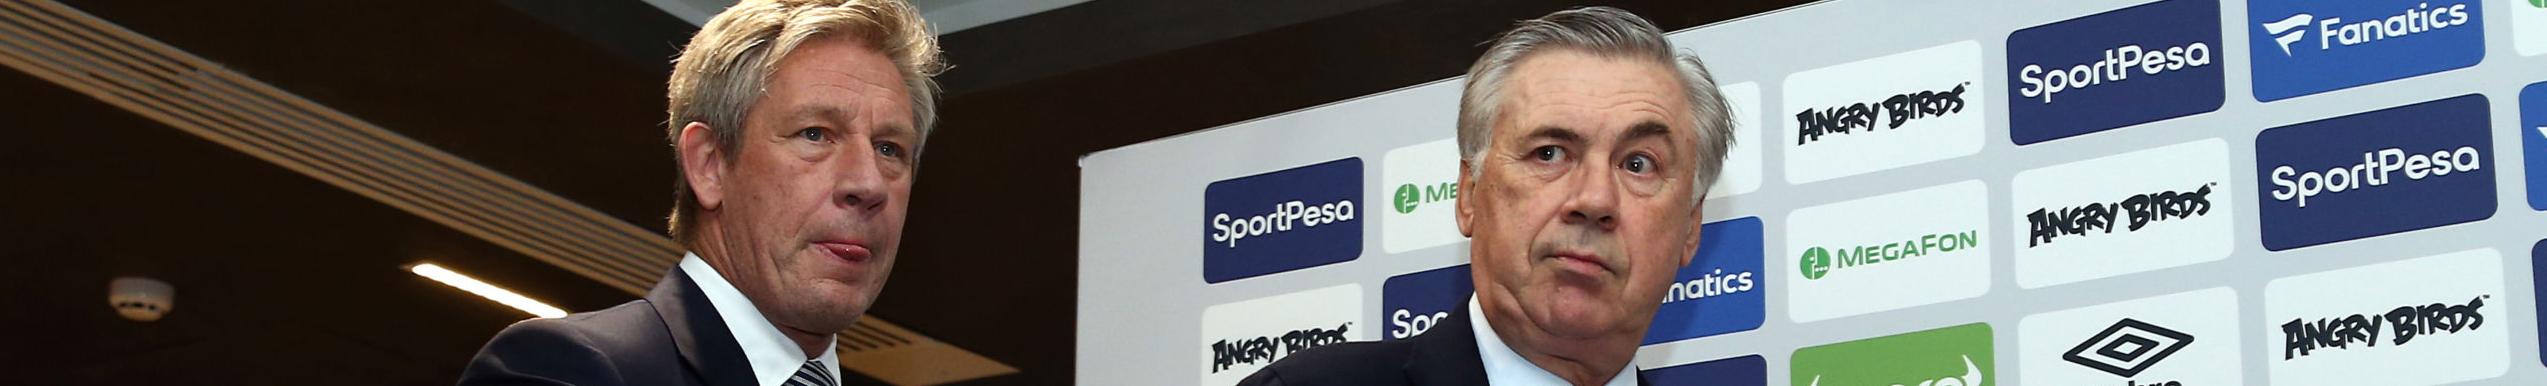 Newcastle-Everton: Carletto vuole fare due su due